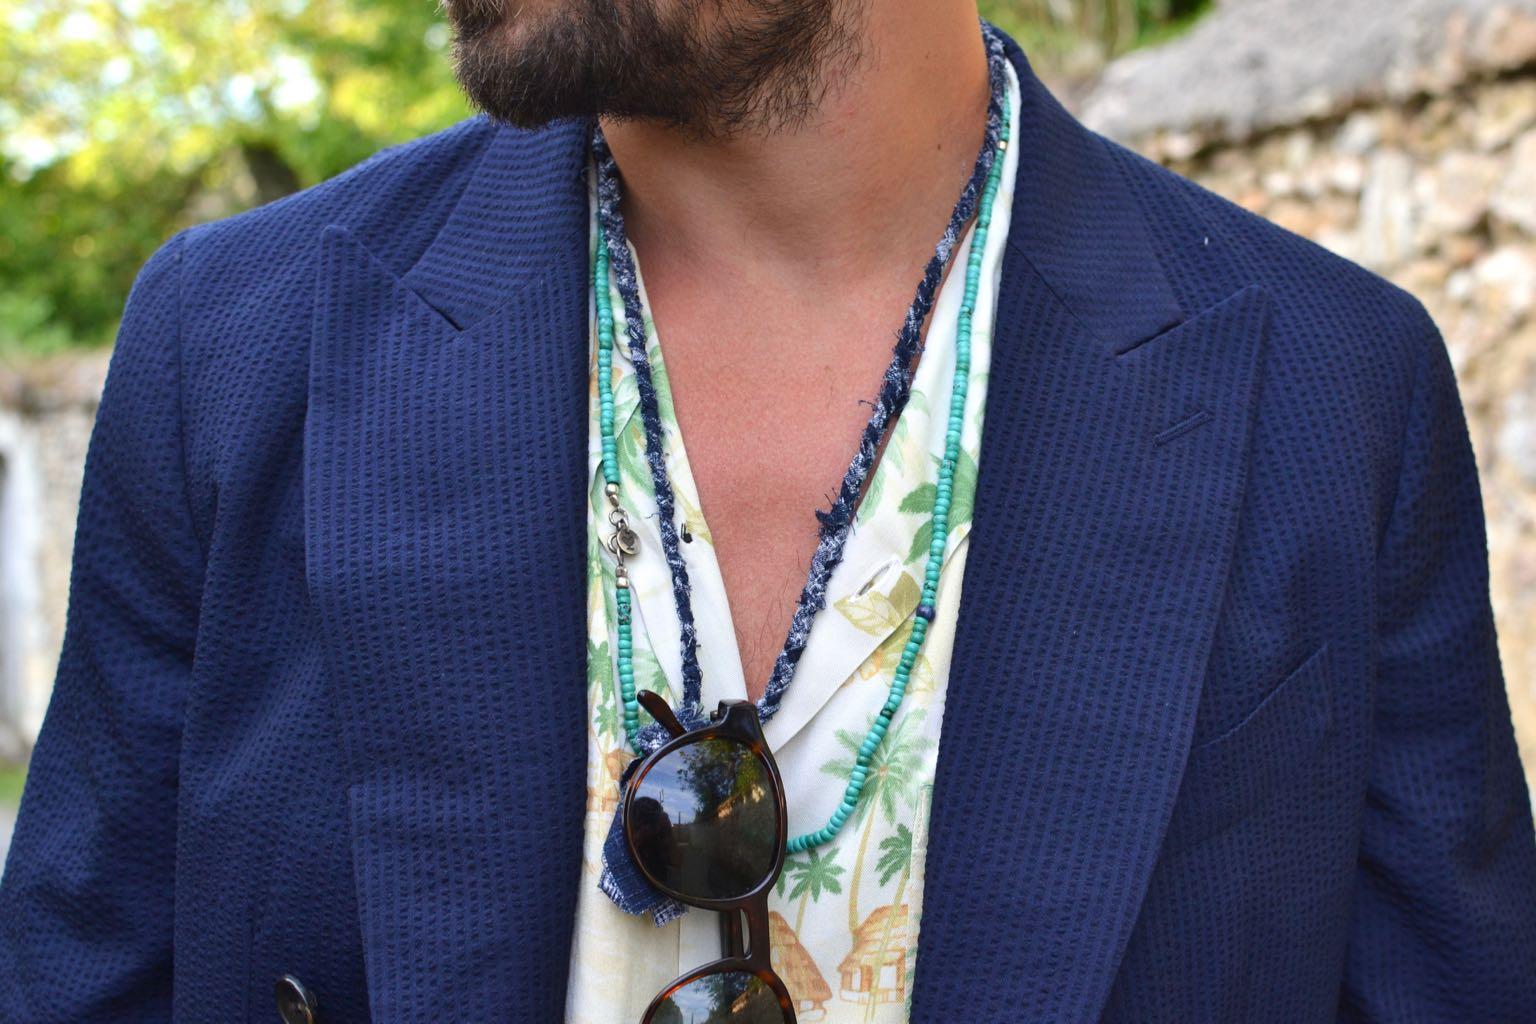 comment porter des collier dans une tenue style homme masculin avec accessoire Borali